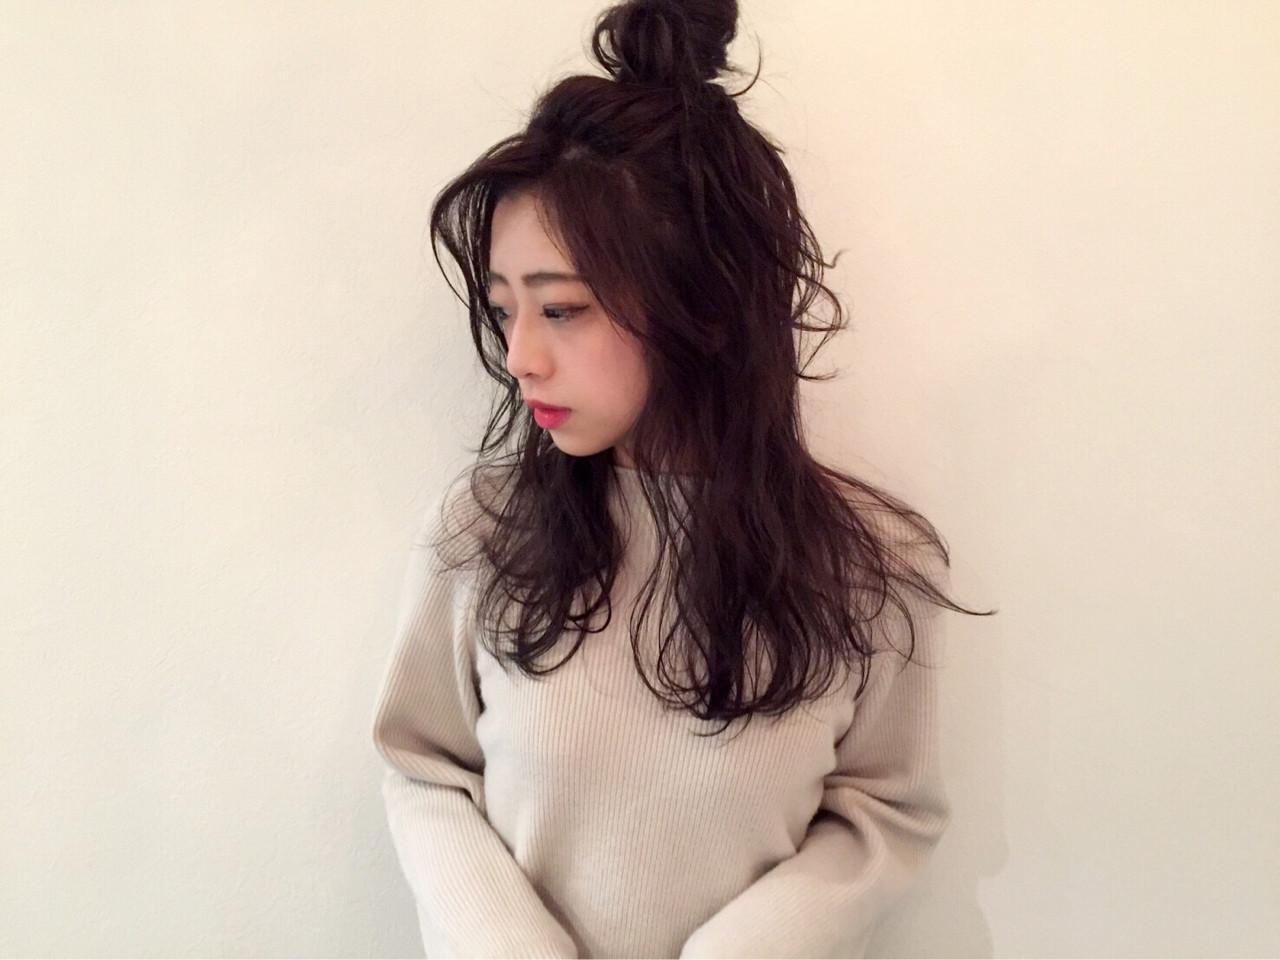 お団子 セルフヘアアレンジ ナチュラル セミロング ヘアスタイルや髪型の写真・画像